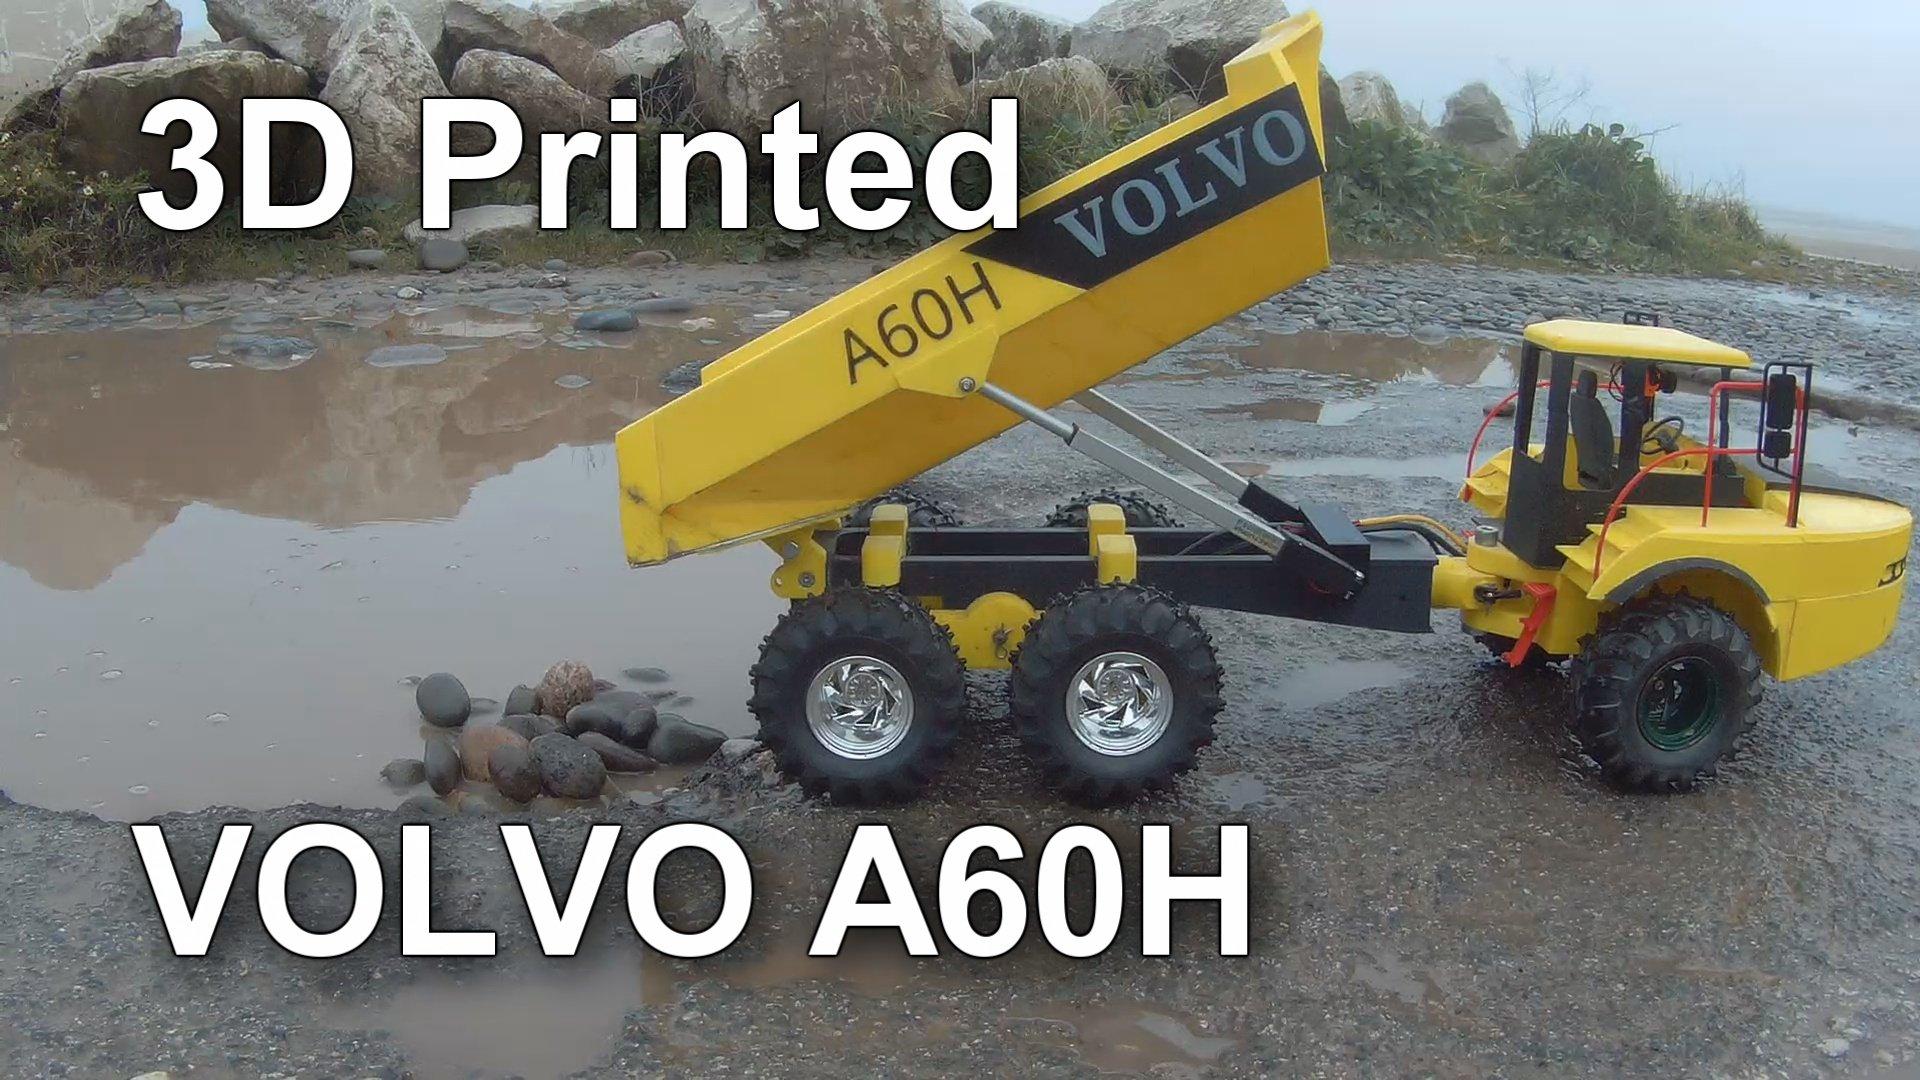 Volvo A60H RC Dump Truck